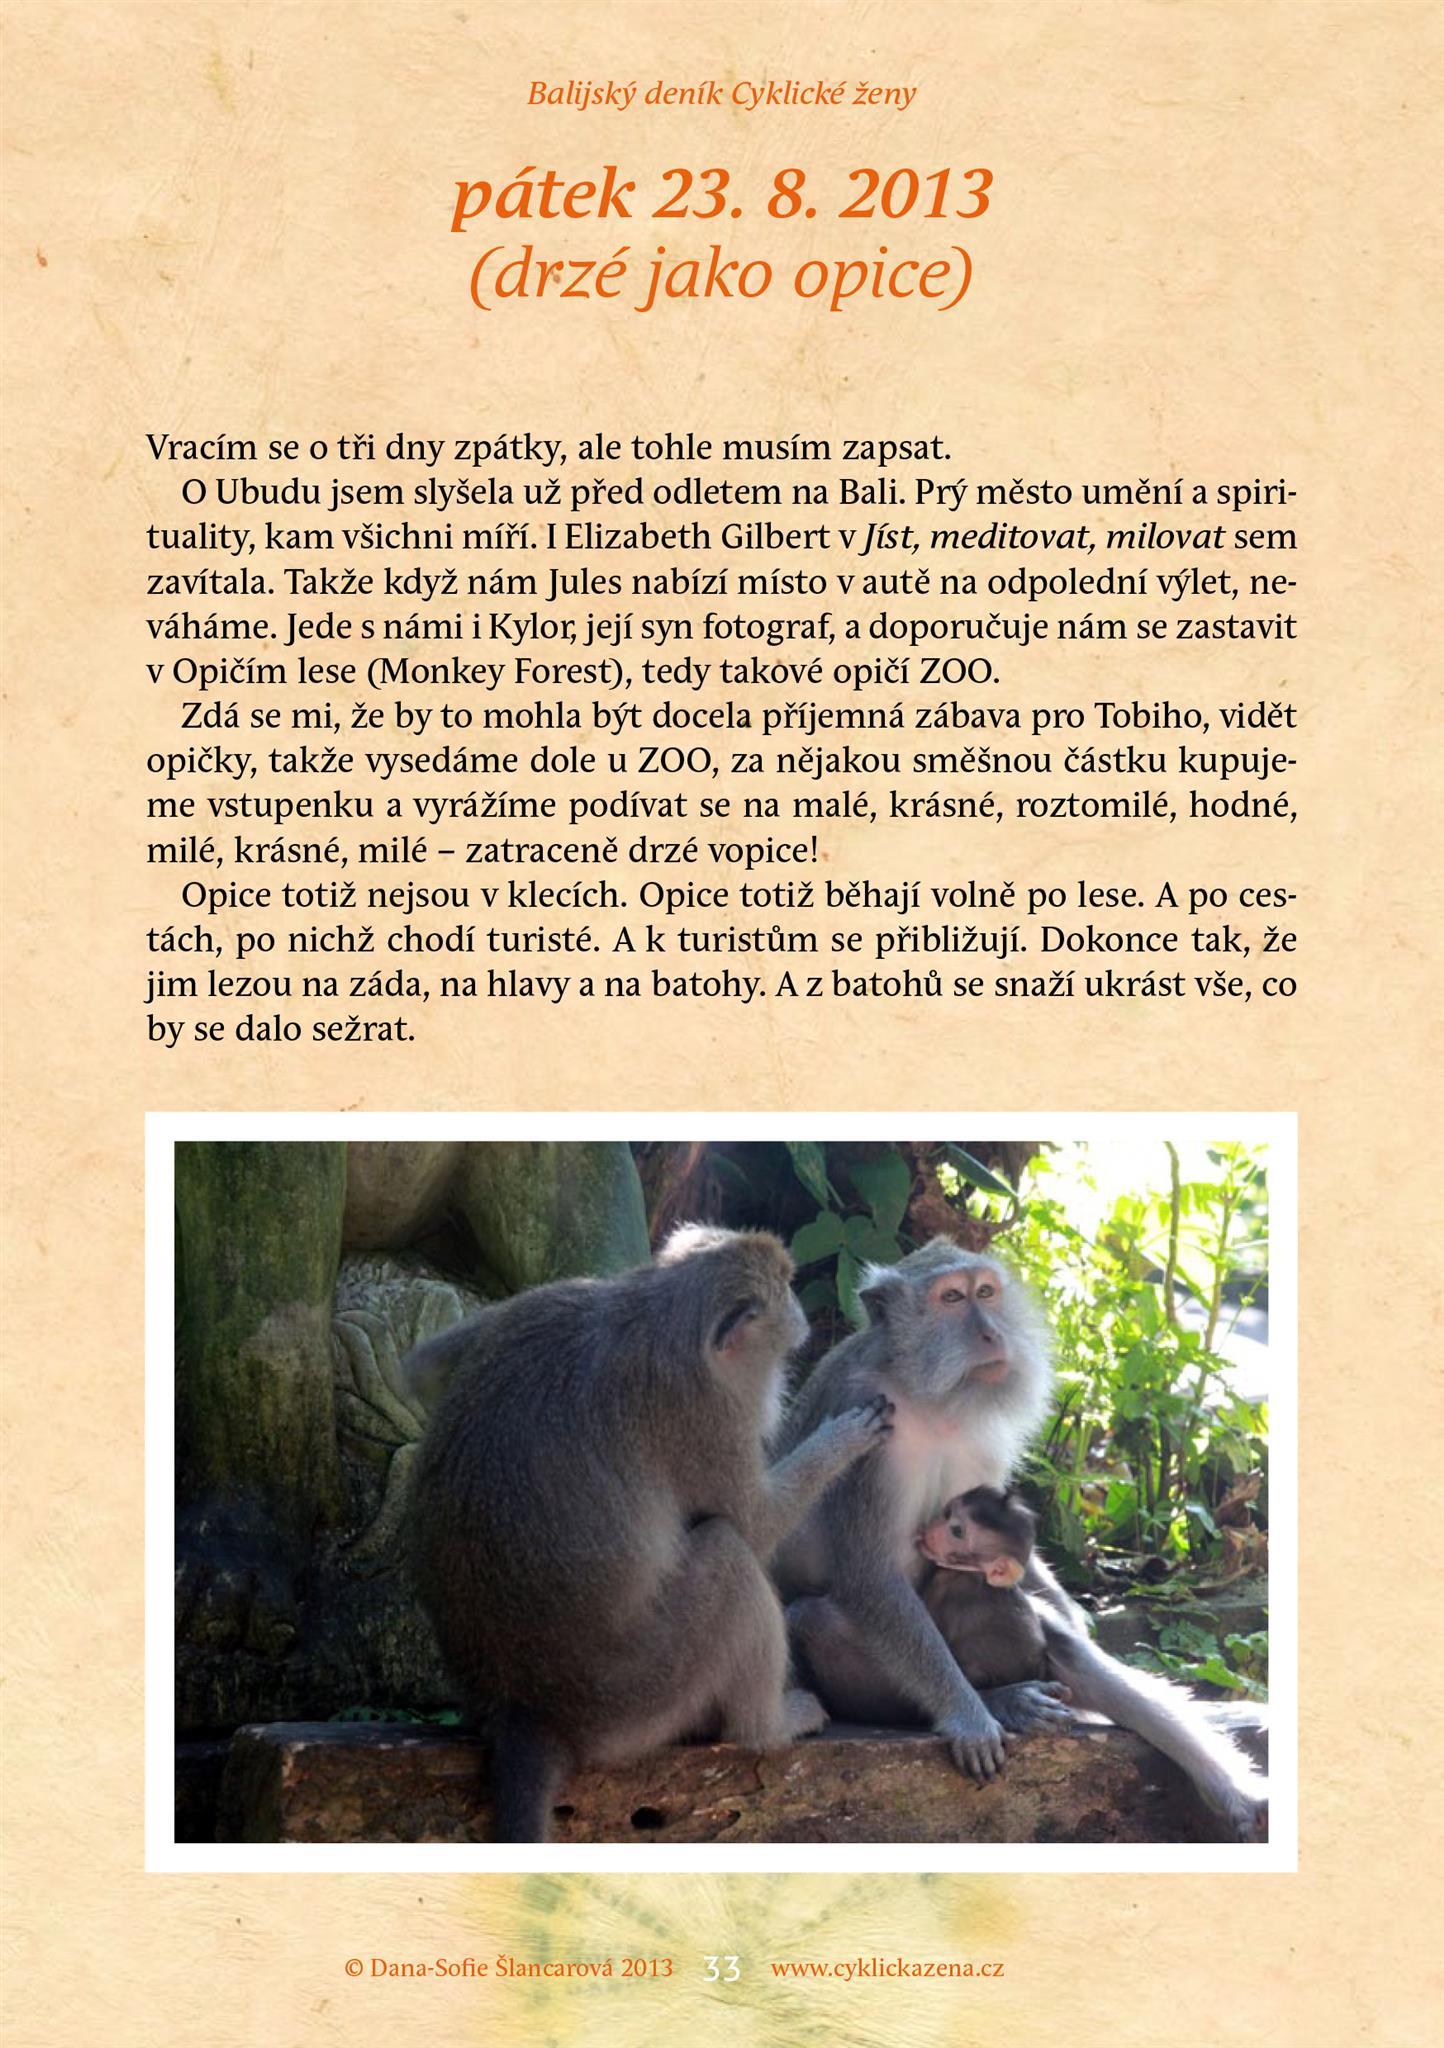 Balijský deník Cyklické ženy, str. 33